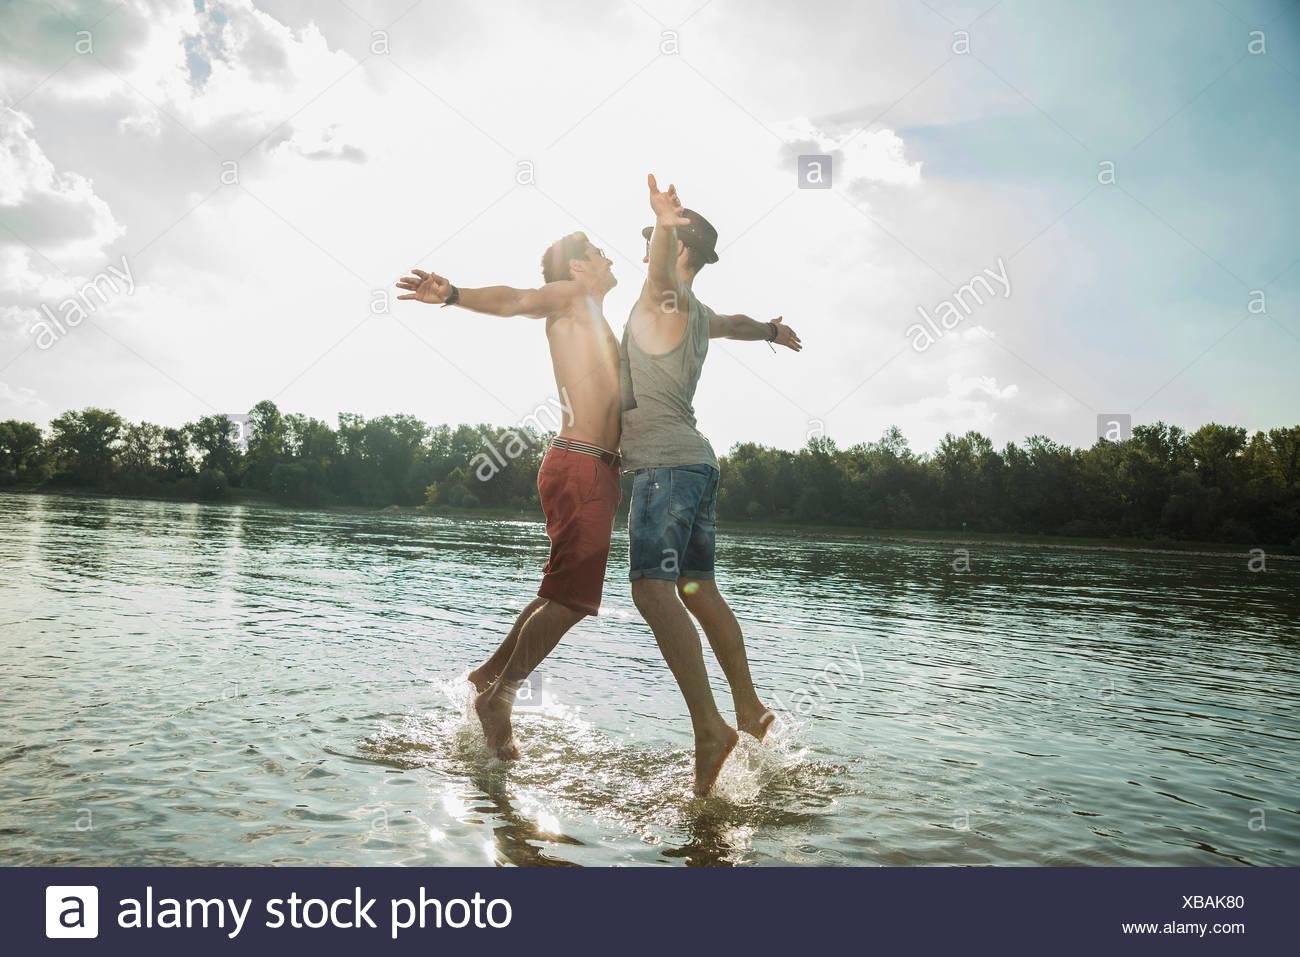 Les jeunes hommes de se cogner dans la poitrine dans le lac Photo Stock